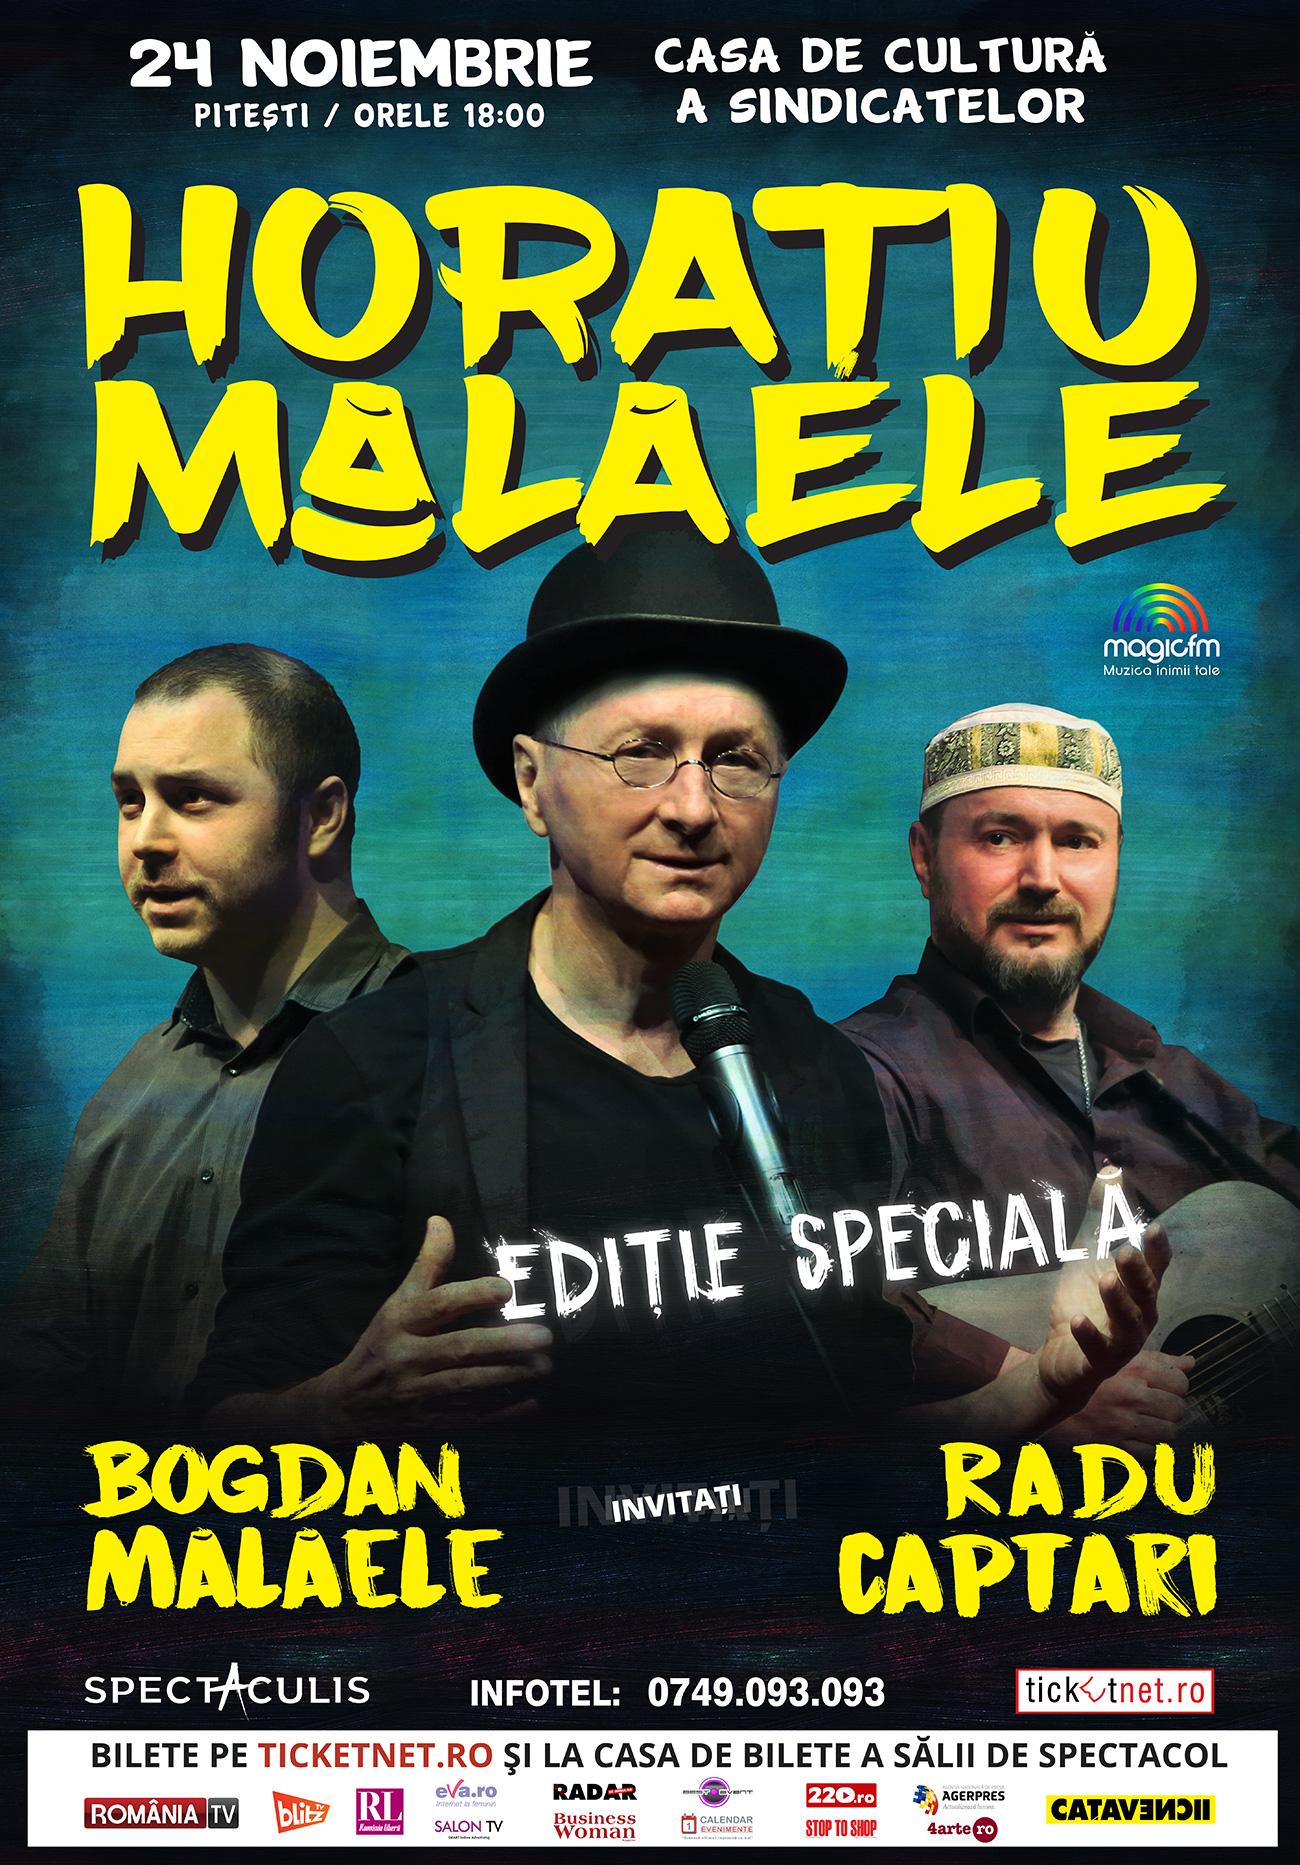 Horaţiu Mălăele - Ediţie specială (PITEŞTI)